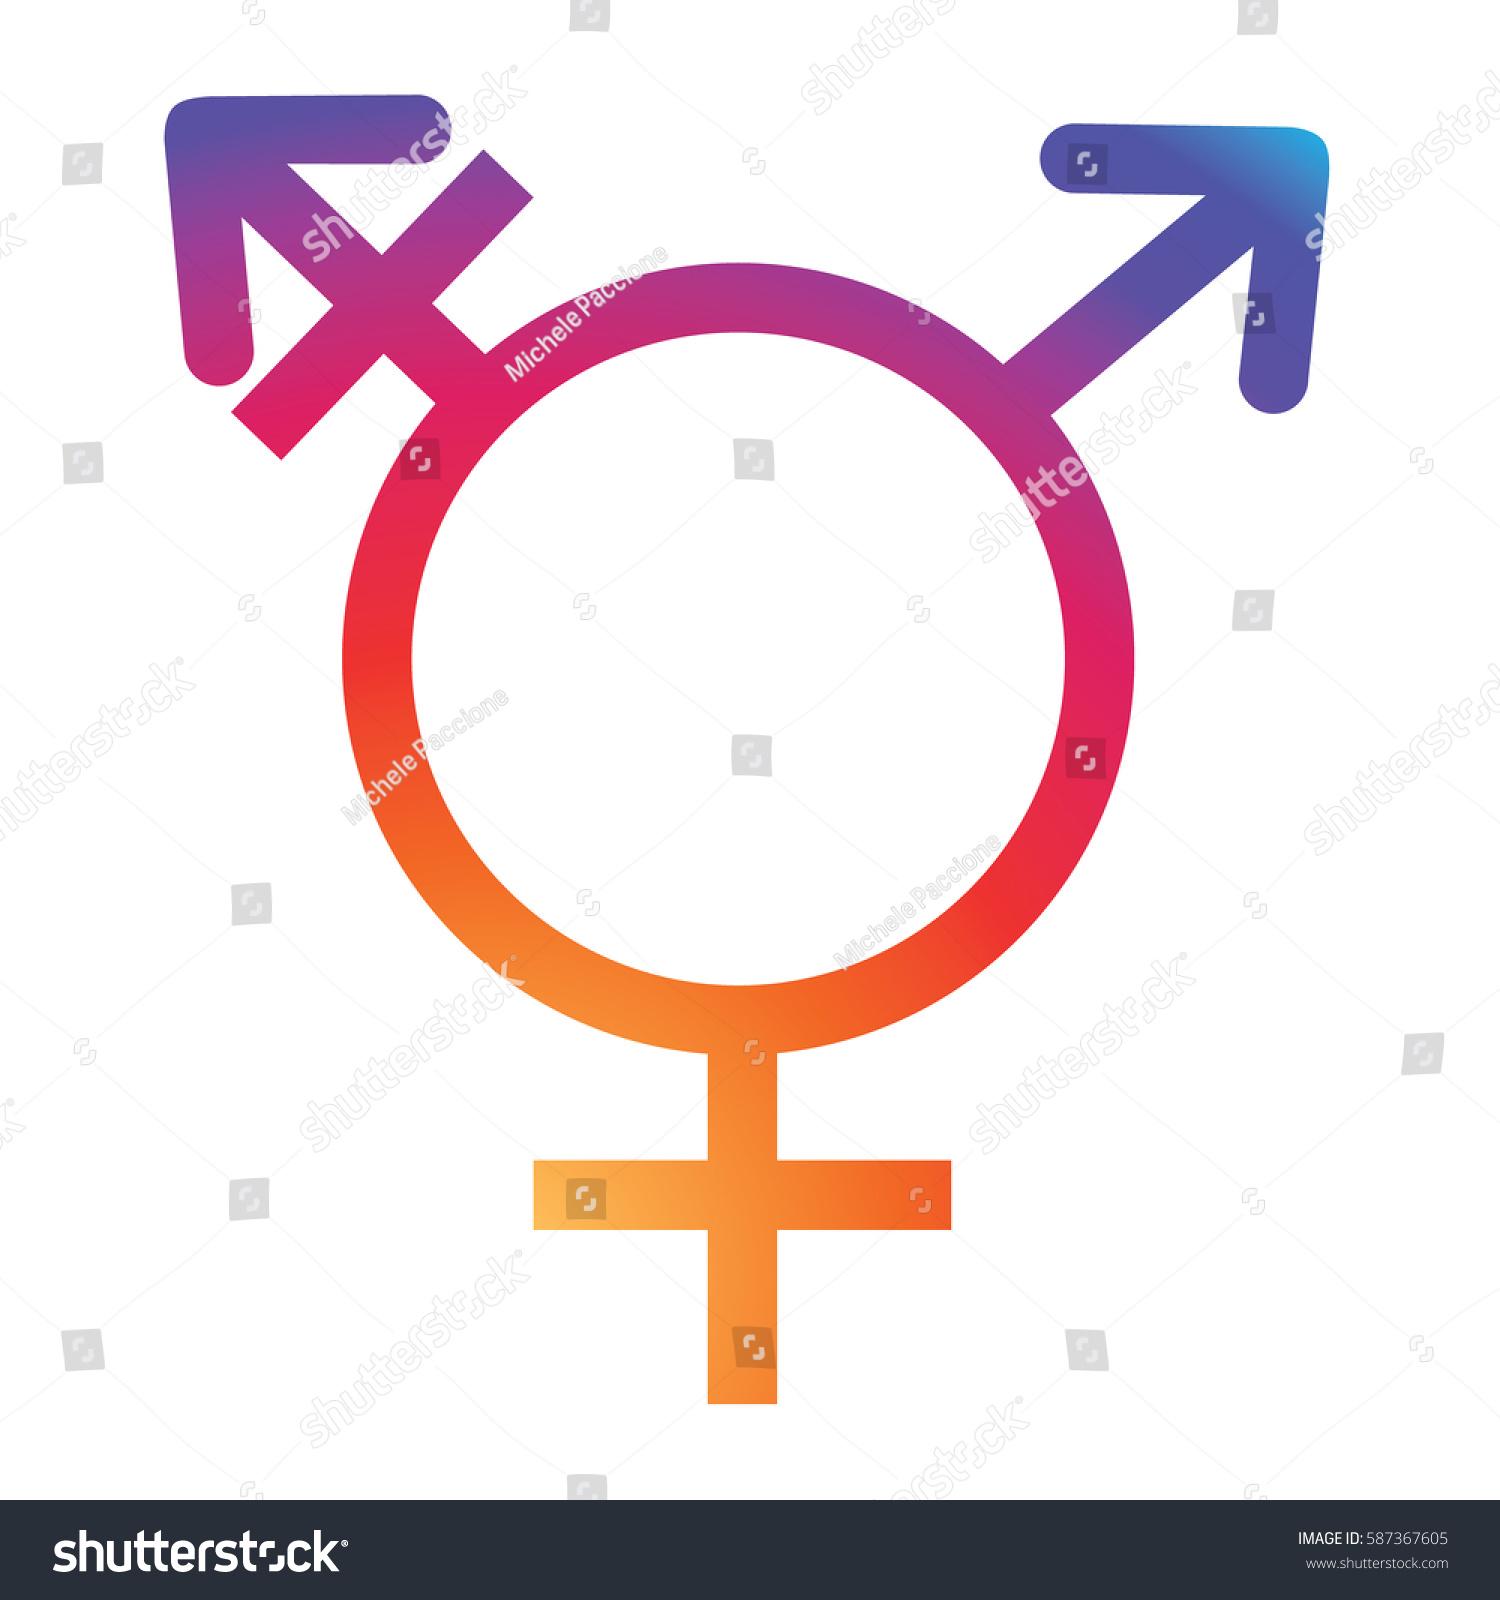 Unisex symbol icon male female symbols stock illustration unisex symbol icon male and female symbols buycottarizona